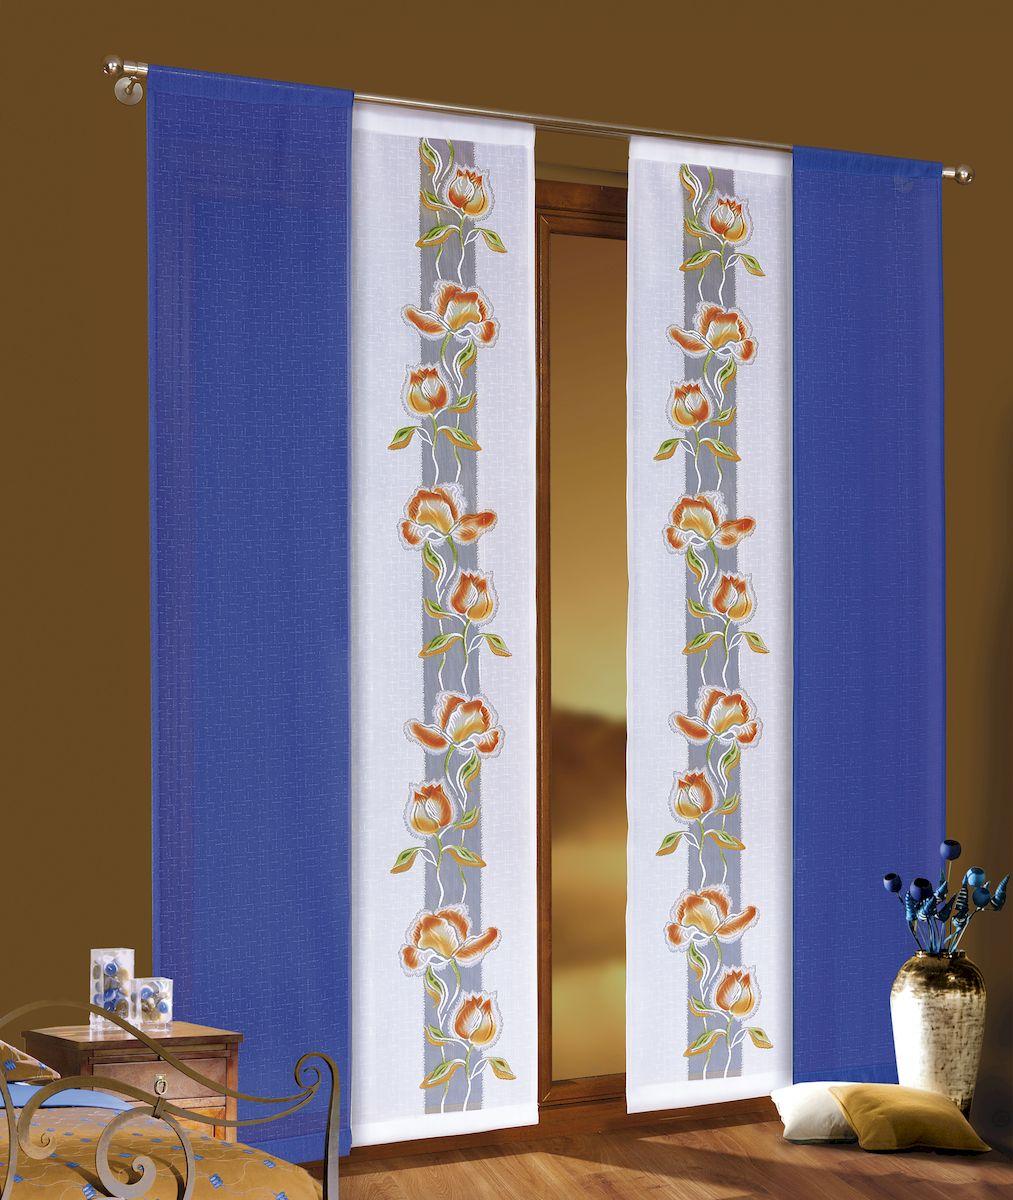 Комплект гардин-панно Wisan, цвет: синий, оранжевый, высота 220 см. 34573111286614Комплект гардин, крепление на штангу. 4 штРазмер: ширина 49 x высота 220 x 4